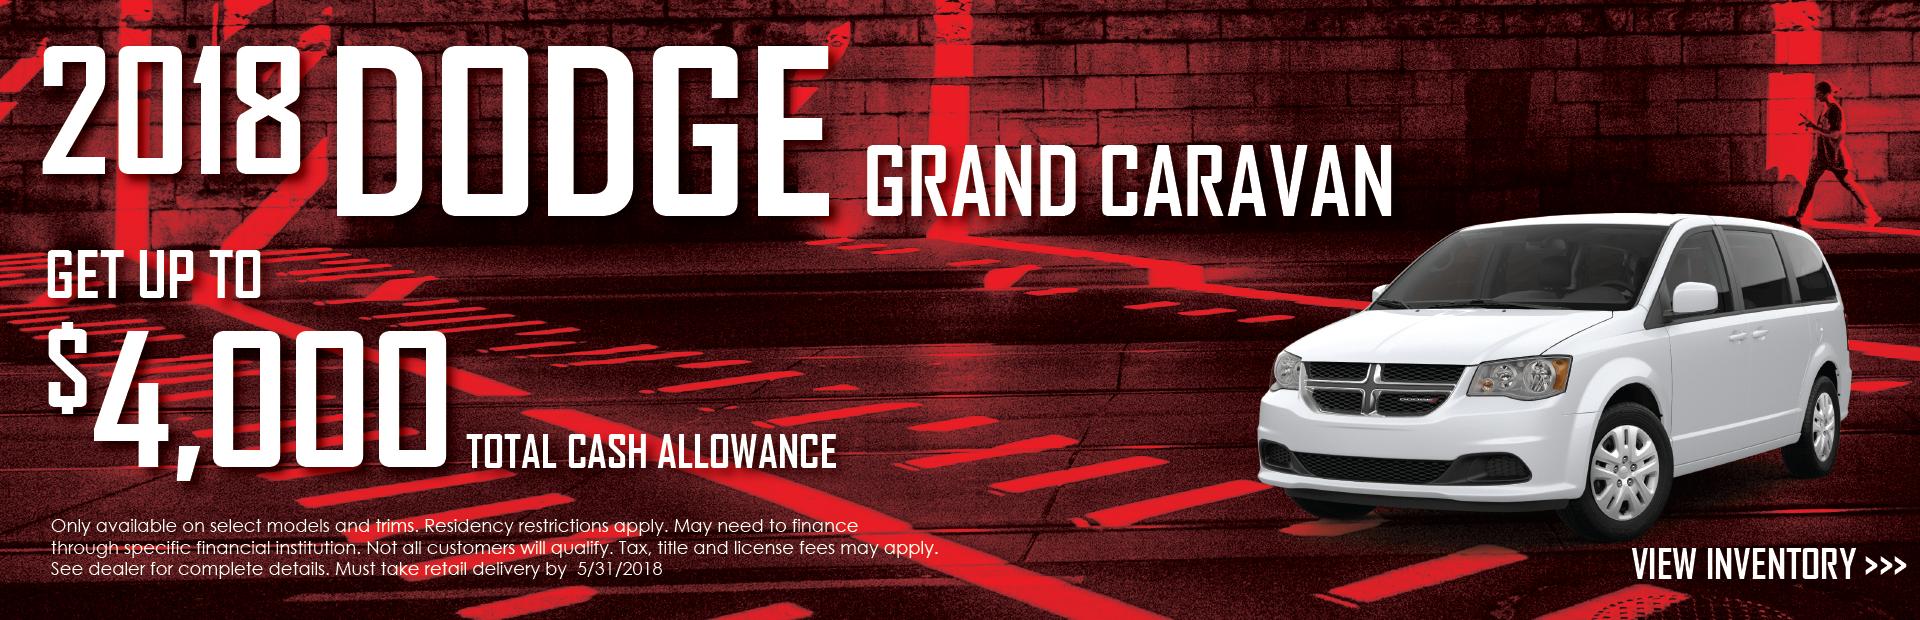 2018 Dodge Grand Caravan Banner